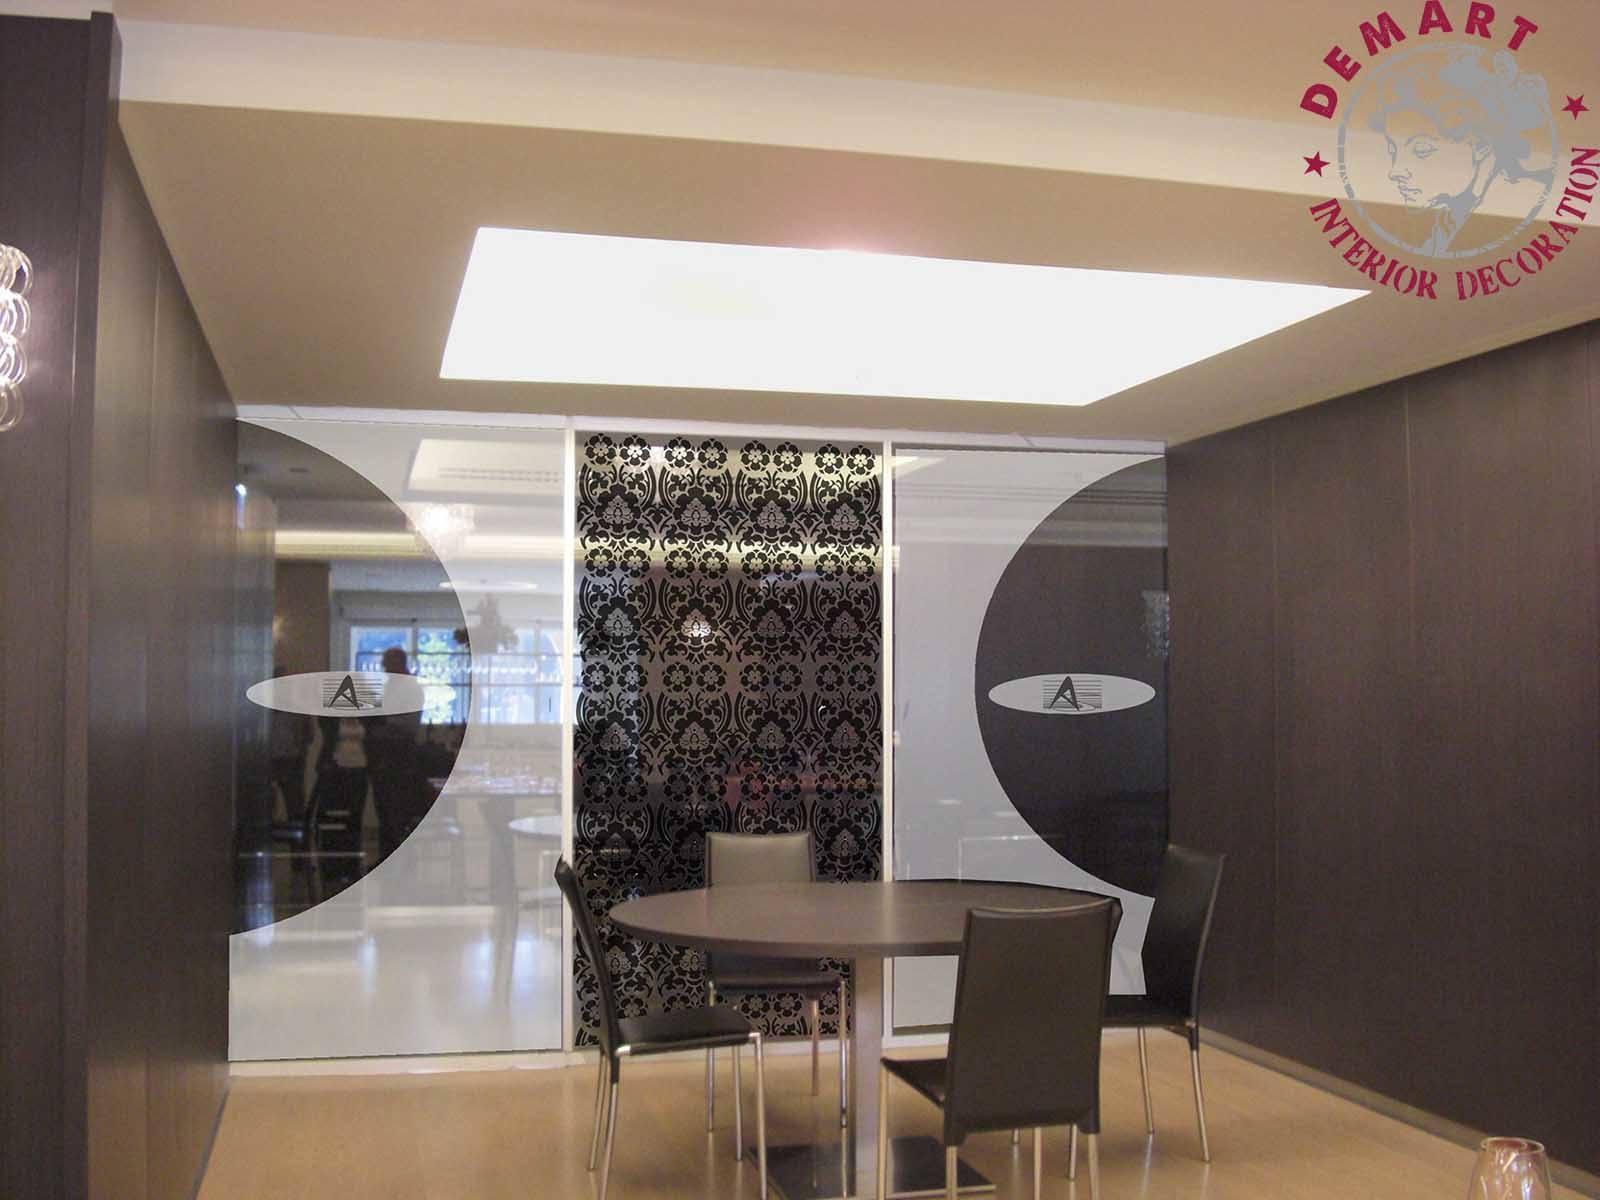 decorazione-pellicola-parete-vetrata-albergo-as-hotel-cambiago-02